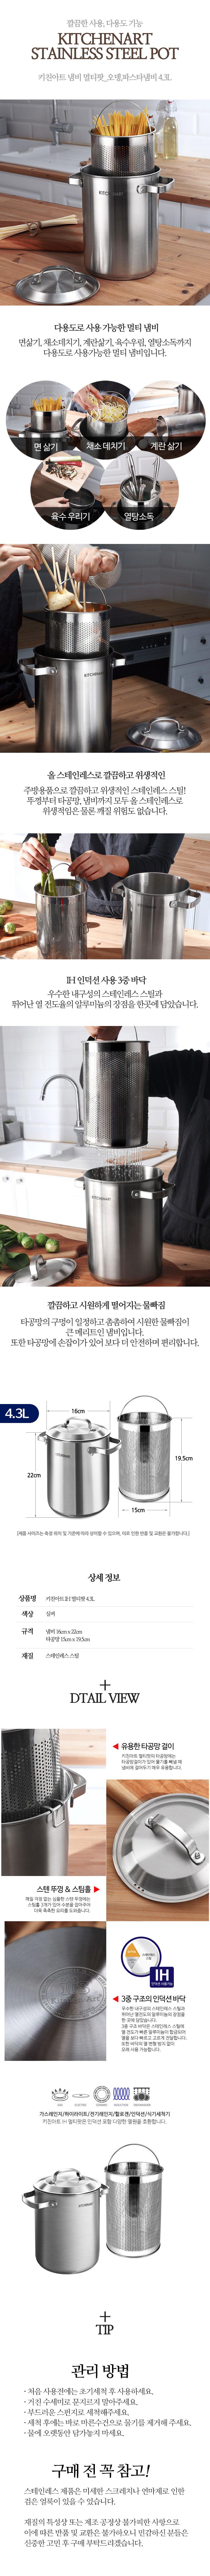 키친아트 냄비 멀티팟(오뎅,파스타냄비) 4.3L - 룸바이디자인, 41,500원, 냄비, 직화 냄비